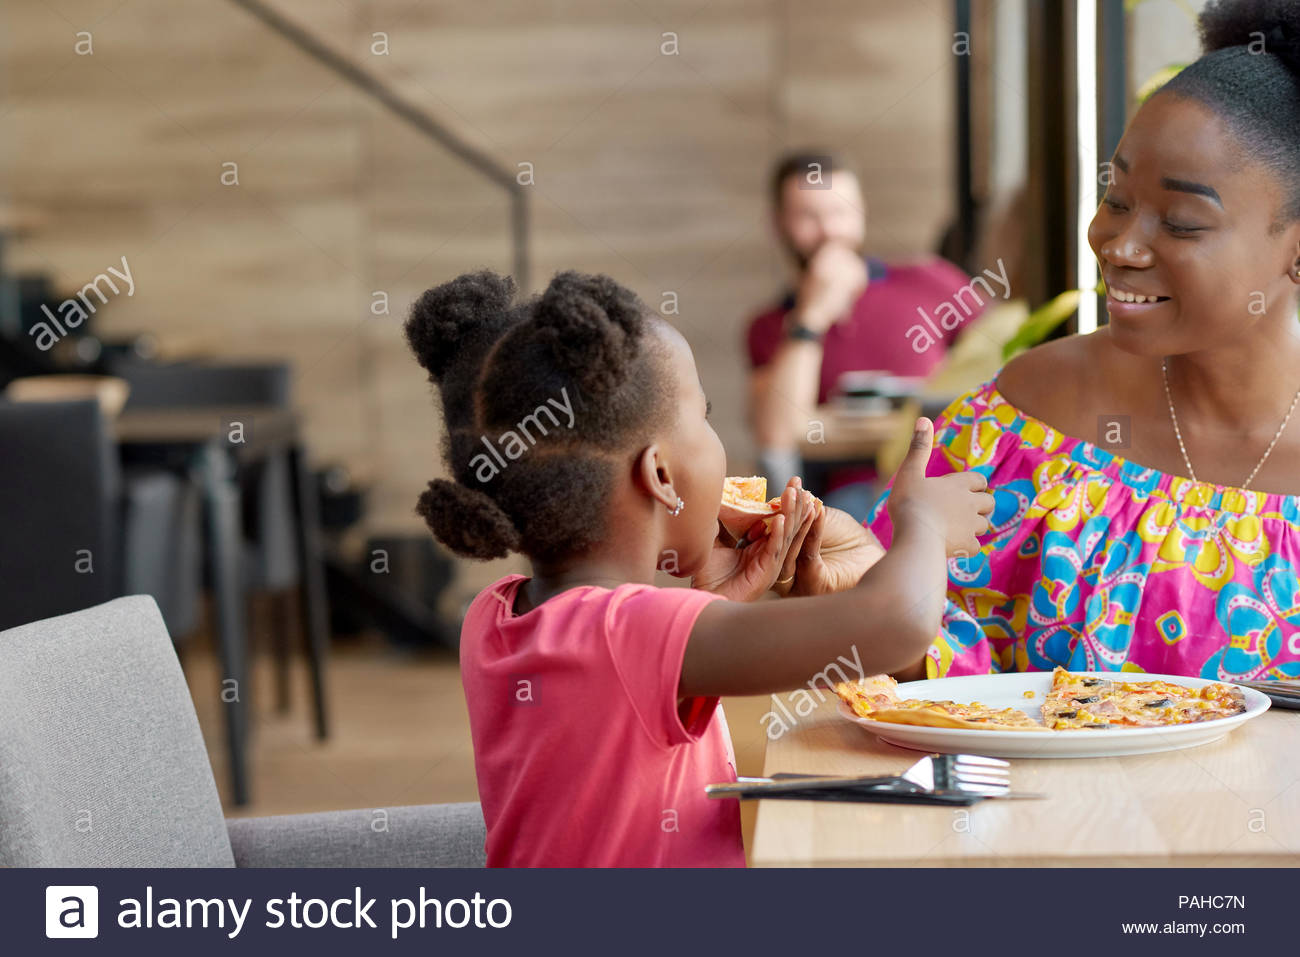 Mère heureuse enfant alimentation délicieuse pizza assis dans un restaurant local. Souriant, avoir la bonne humeur, merveilleux temps ensemble, belle famille. Les autres clients assis dans le café. Intérieur Loft. Photo Stock